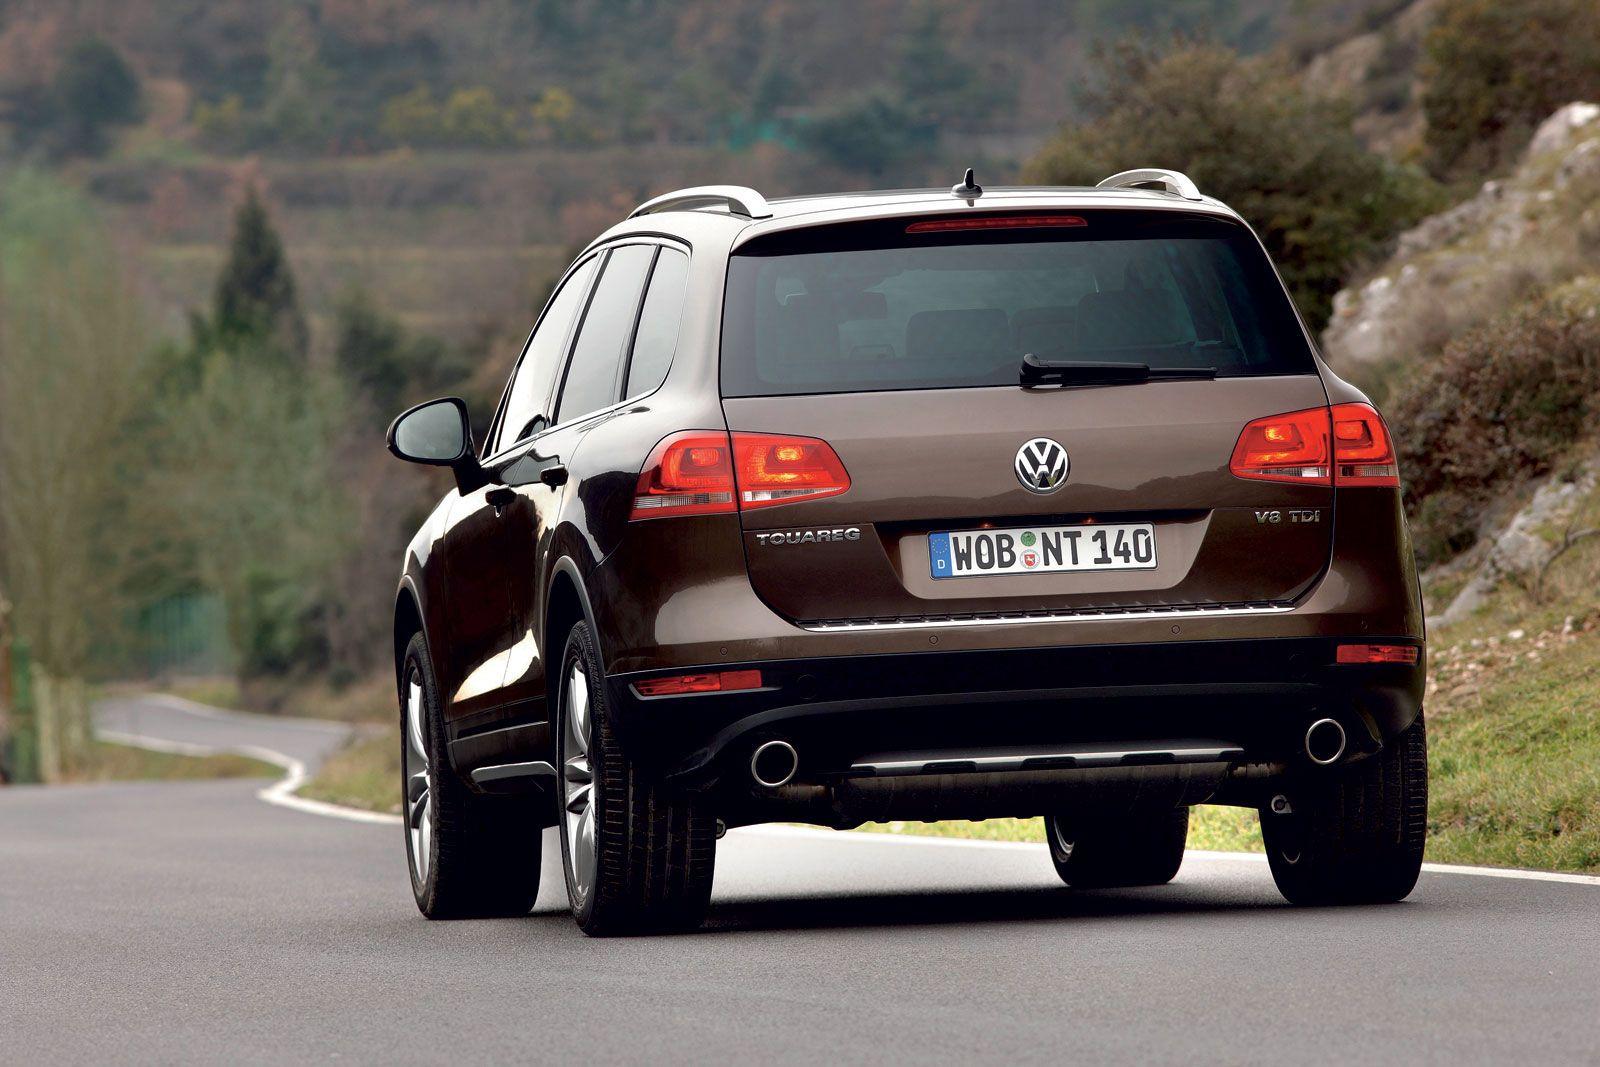 Volkswagen touareg 32 v6 tdi